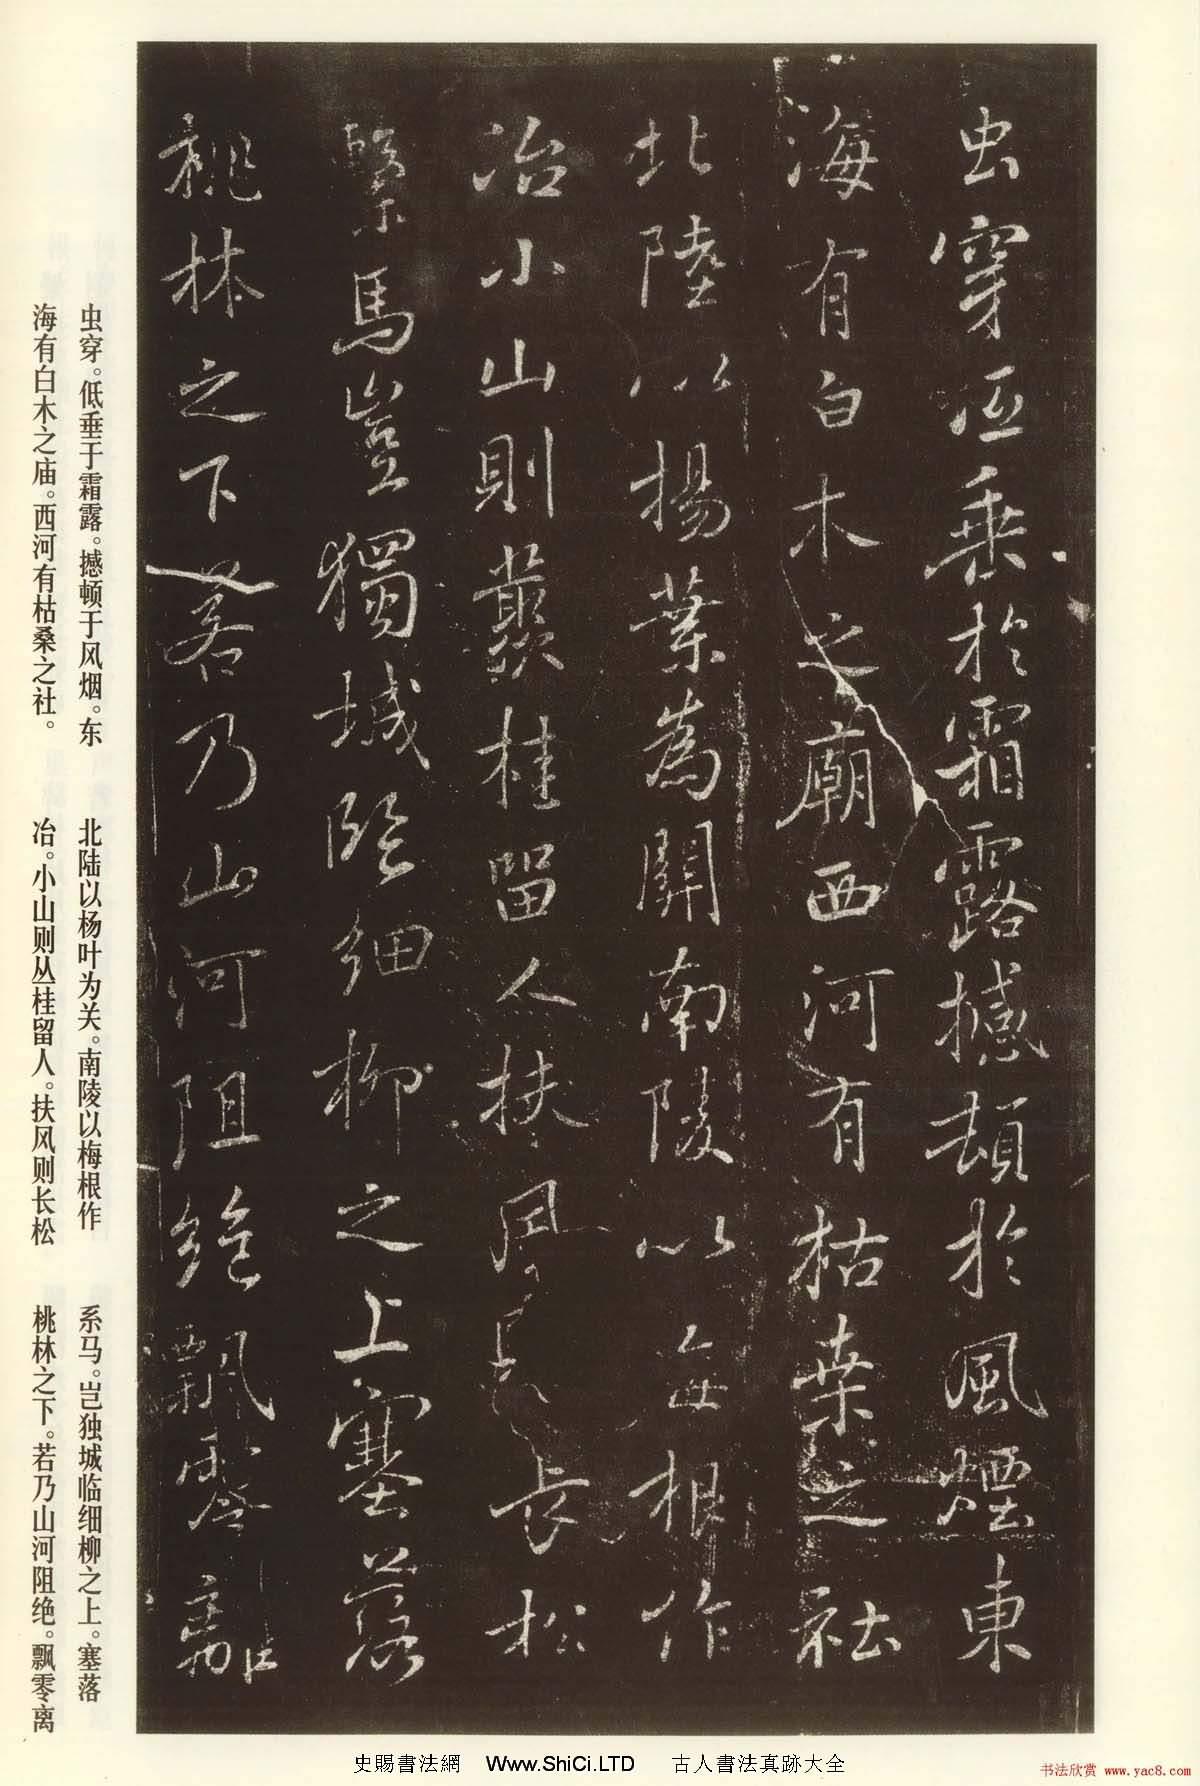 褚遂良書法欣賞《枯樹賦》(大圖)